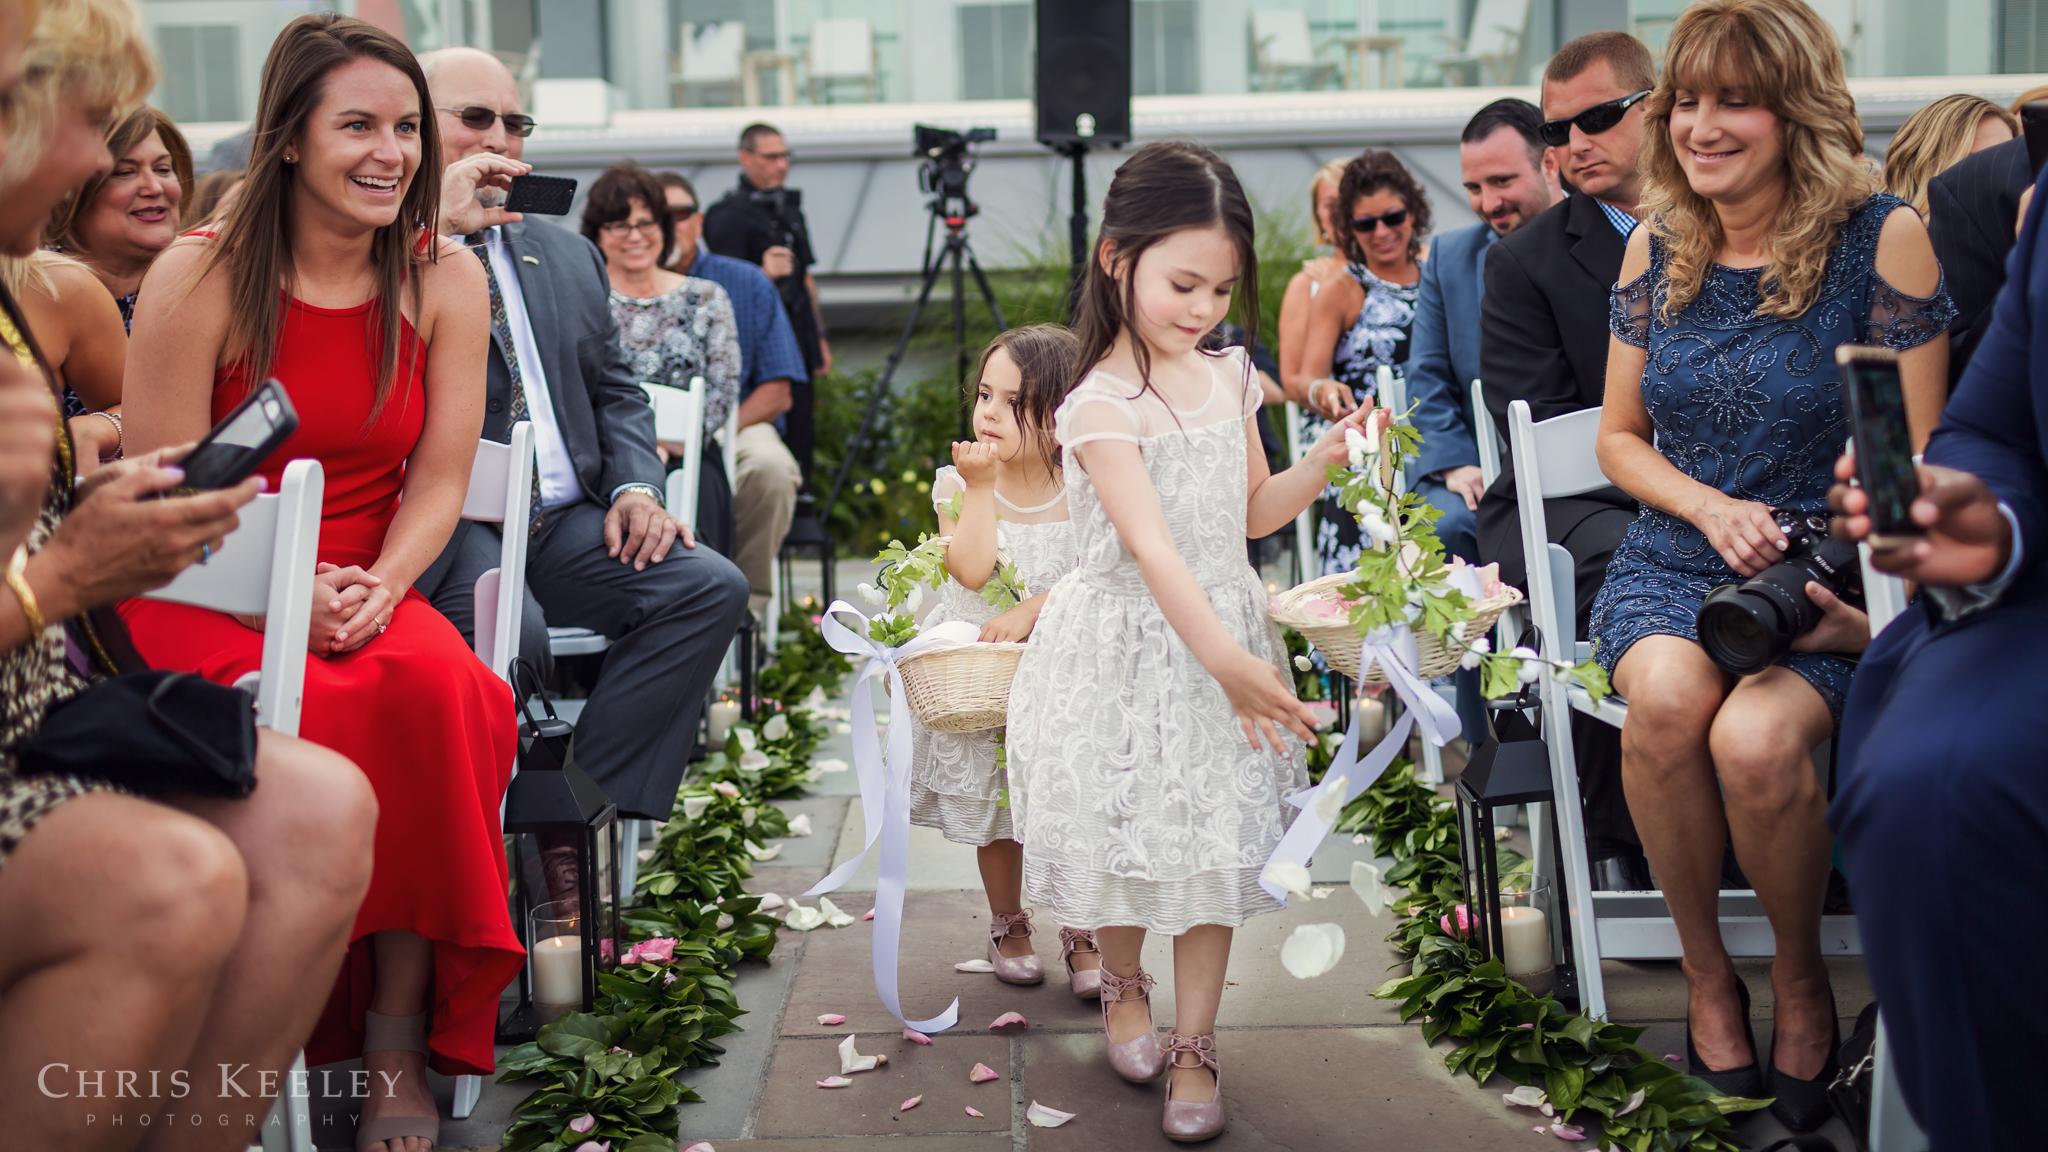 cliff-house-maine-wedding-photographer-chris-keeley-50.jpg